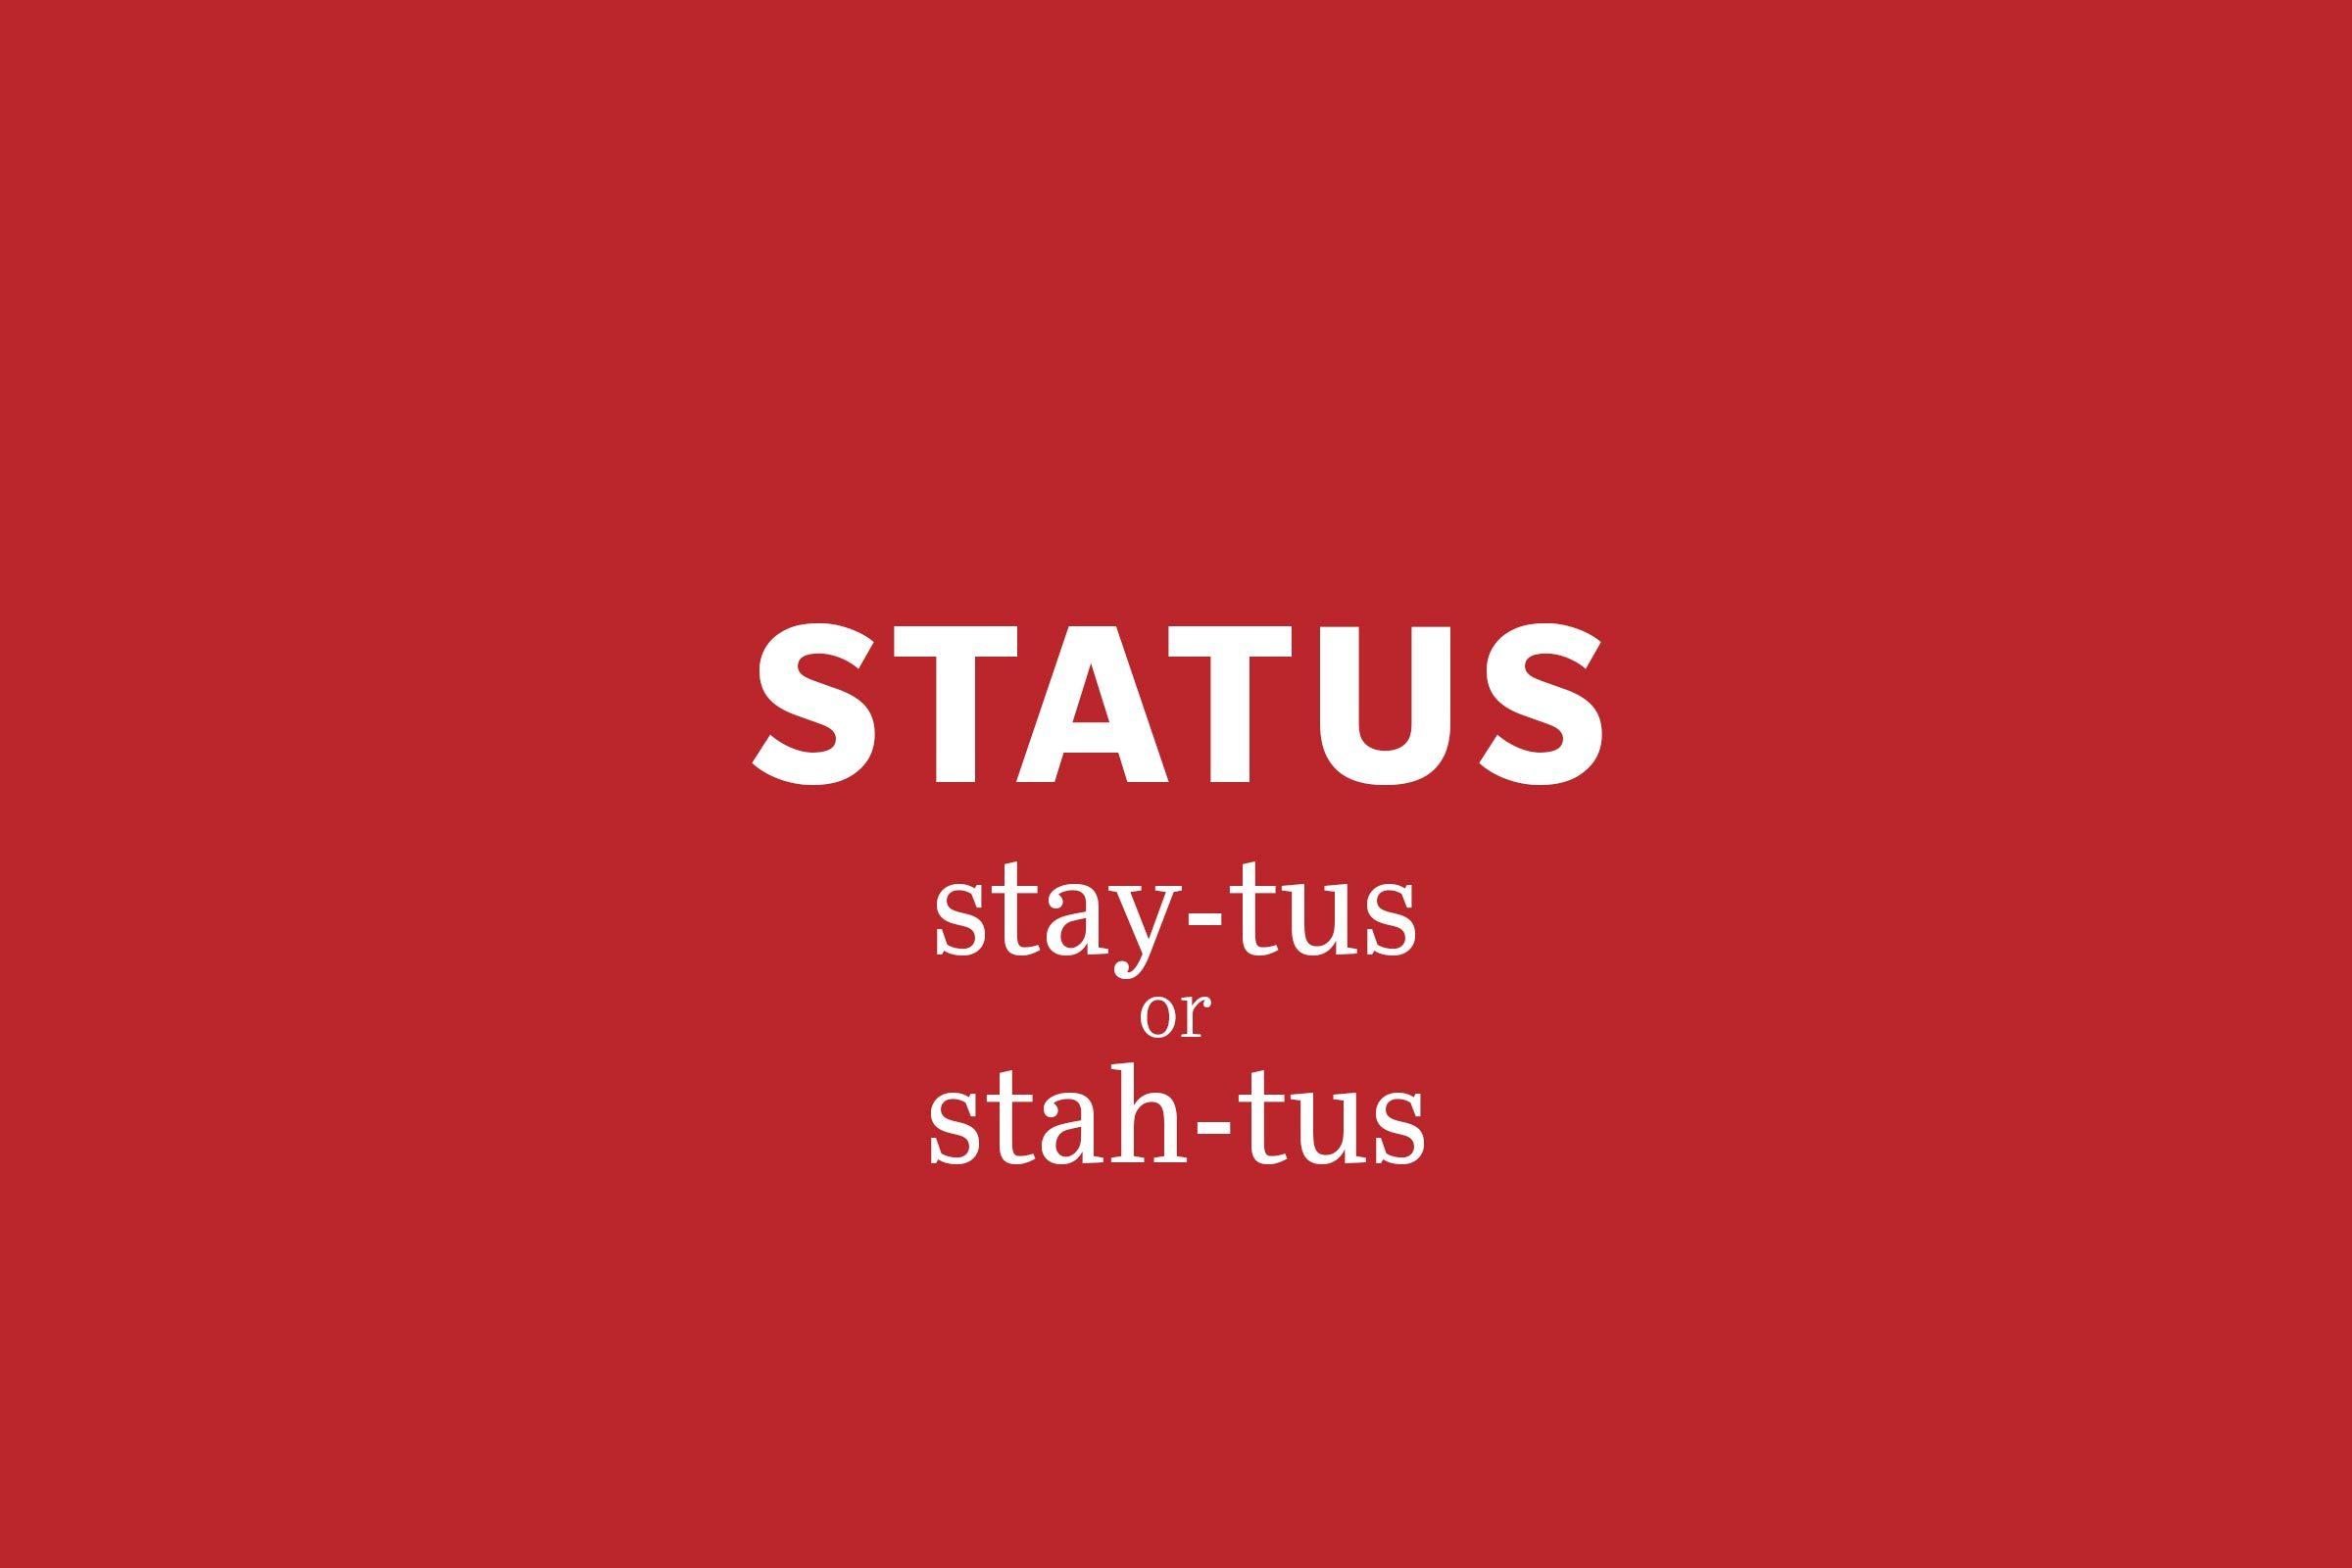 status pronunciation